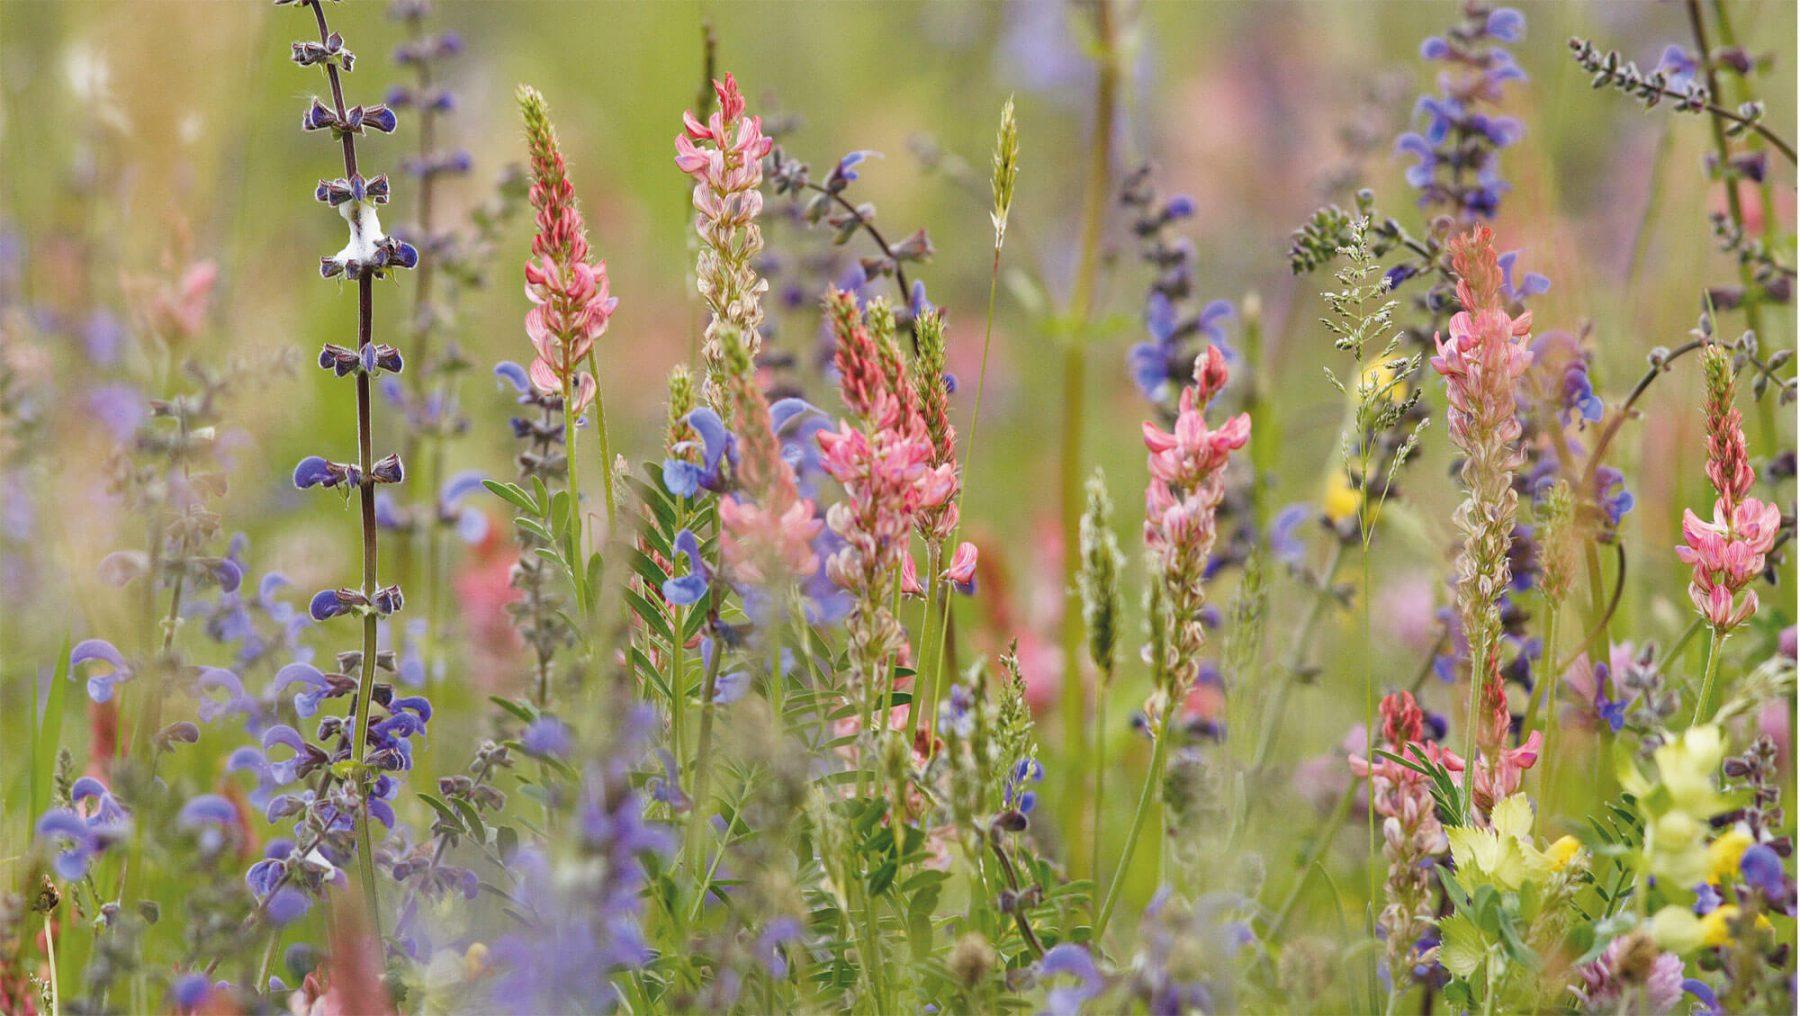 Offrons une place aux fleurs sauvages dans nos jardins for Place du jardin aux fleurs